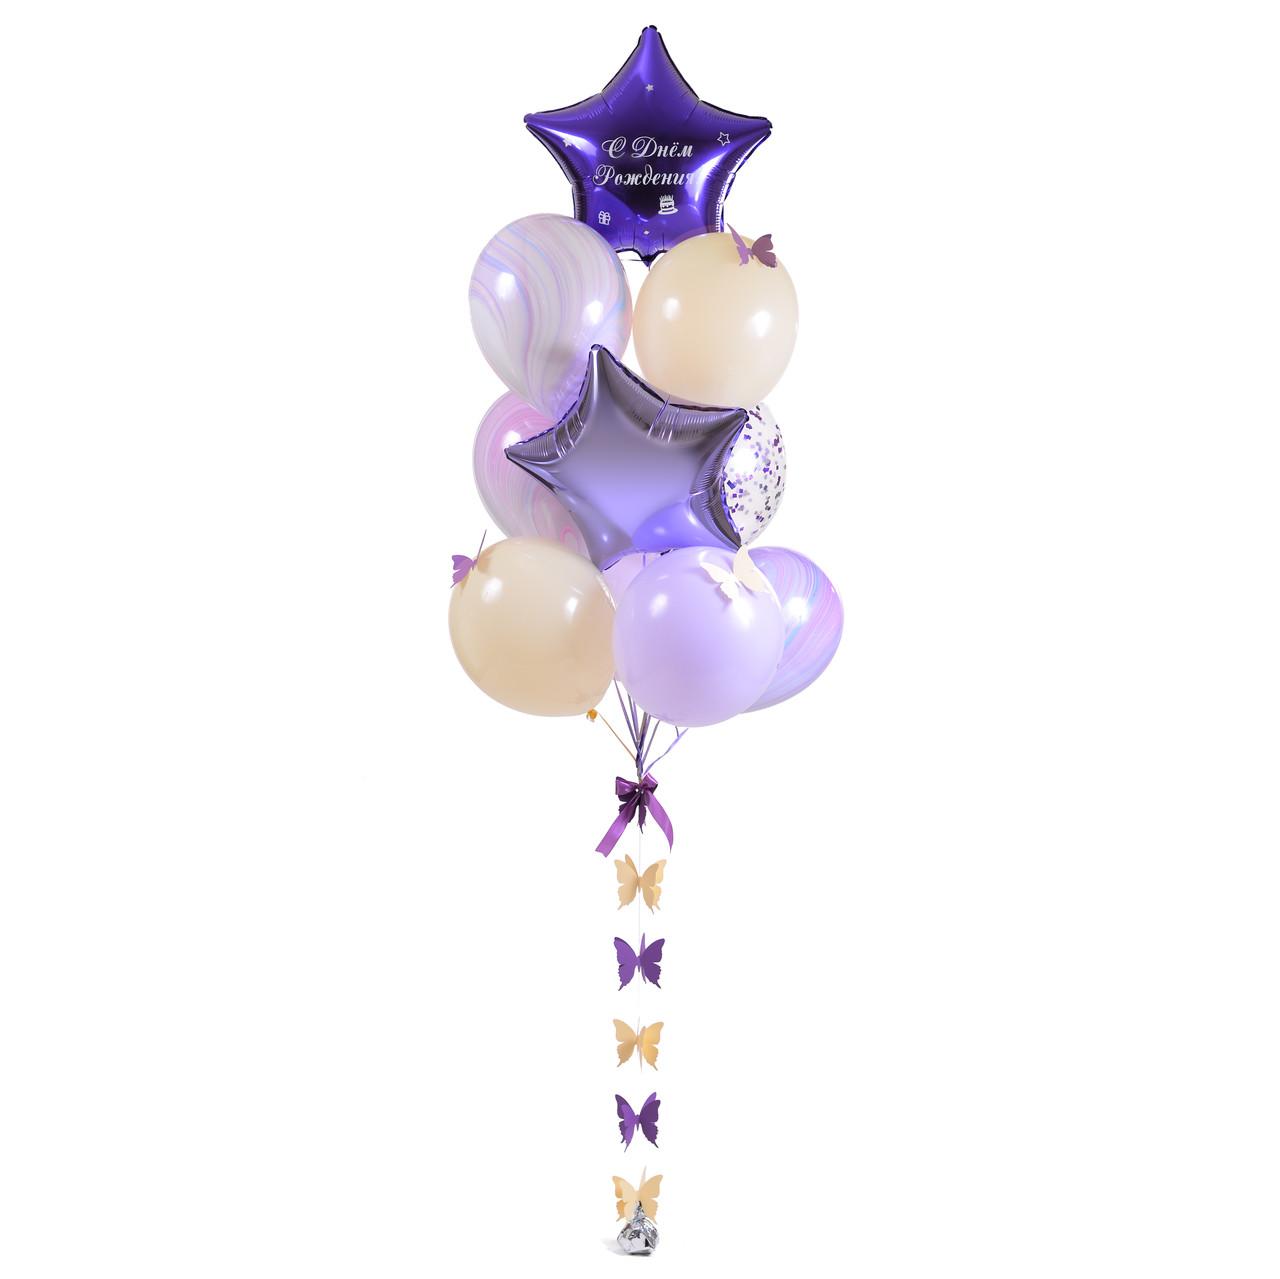 Связка: 2 звезды с надписью С Днем рождения и 7 шариков с гирляндой объемные бабочки